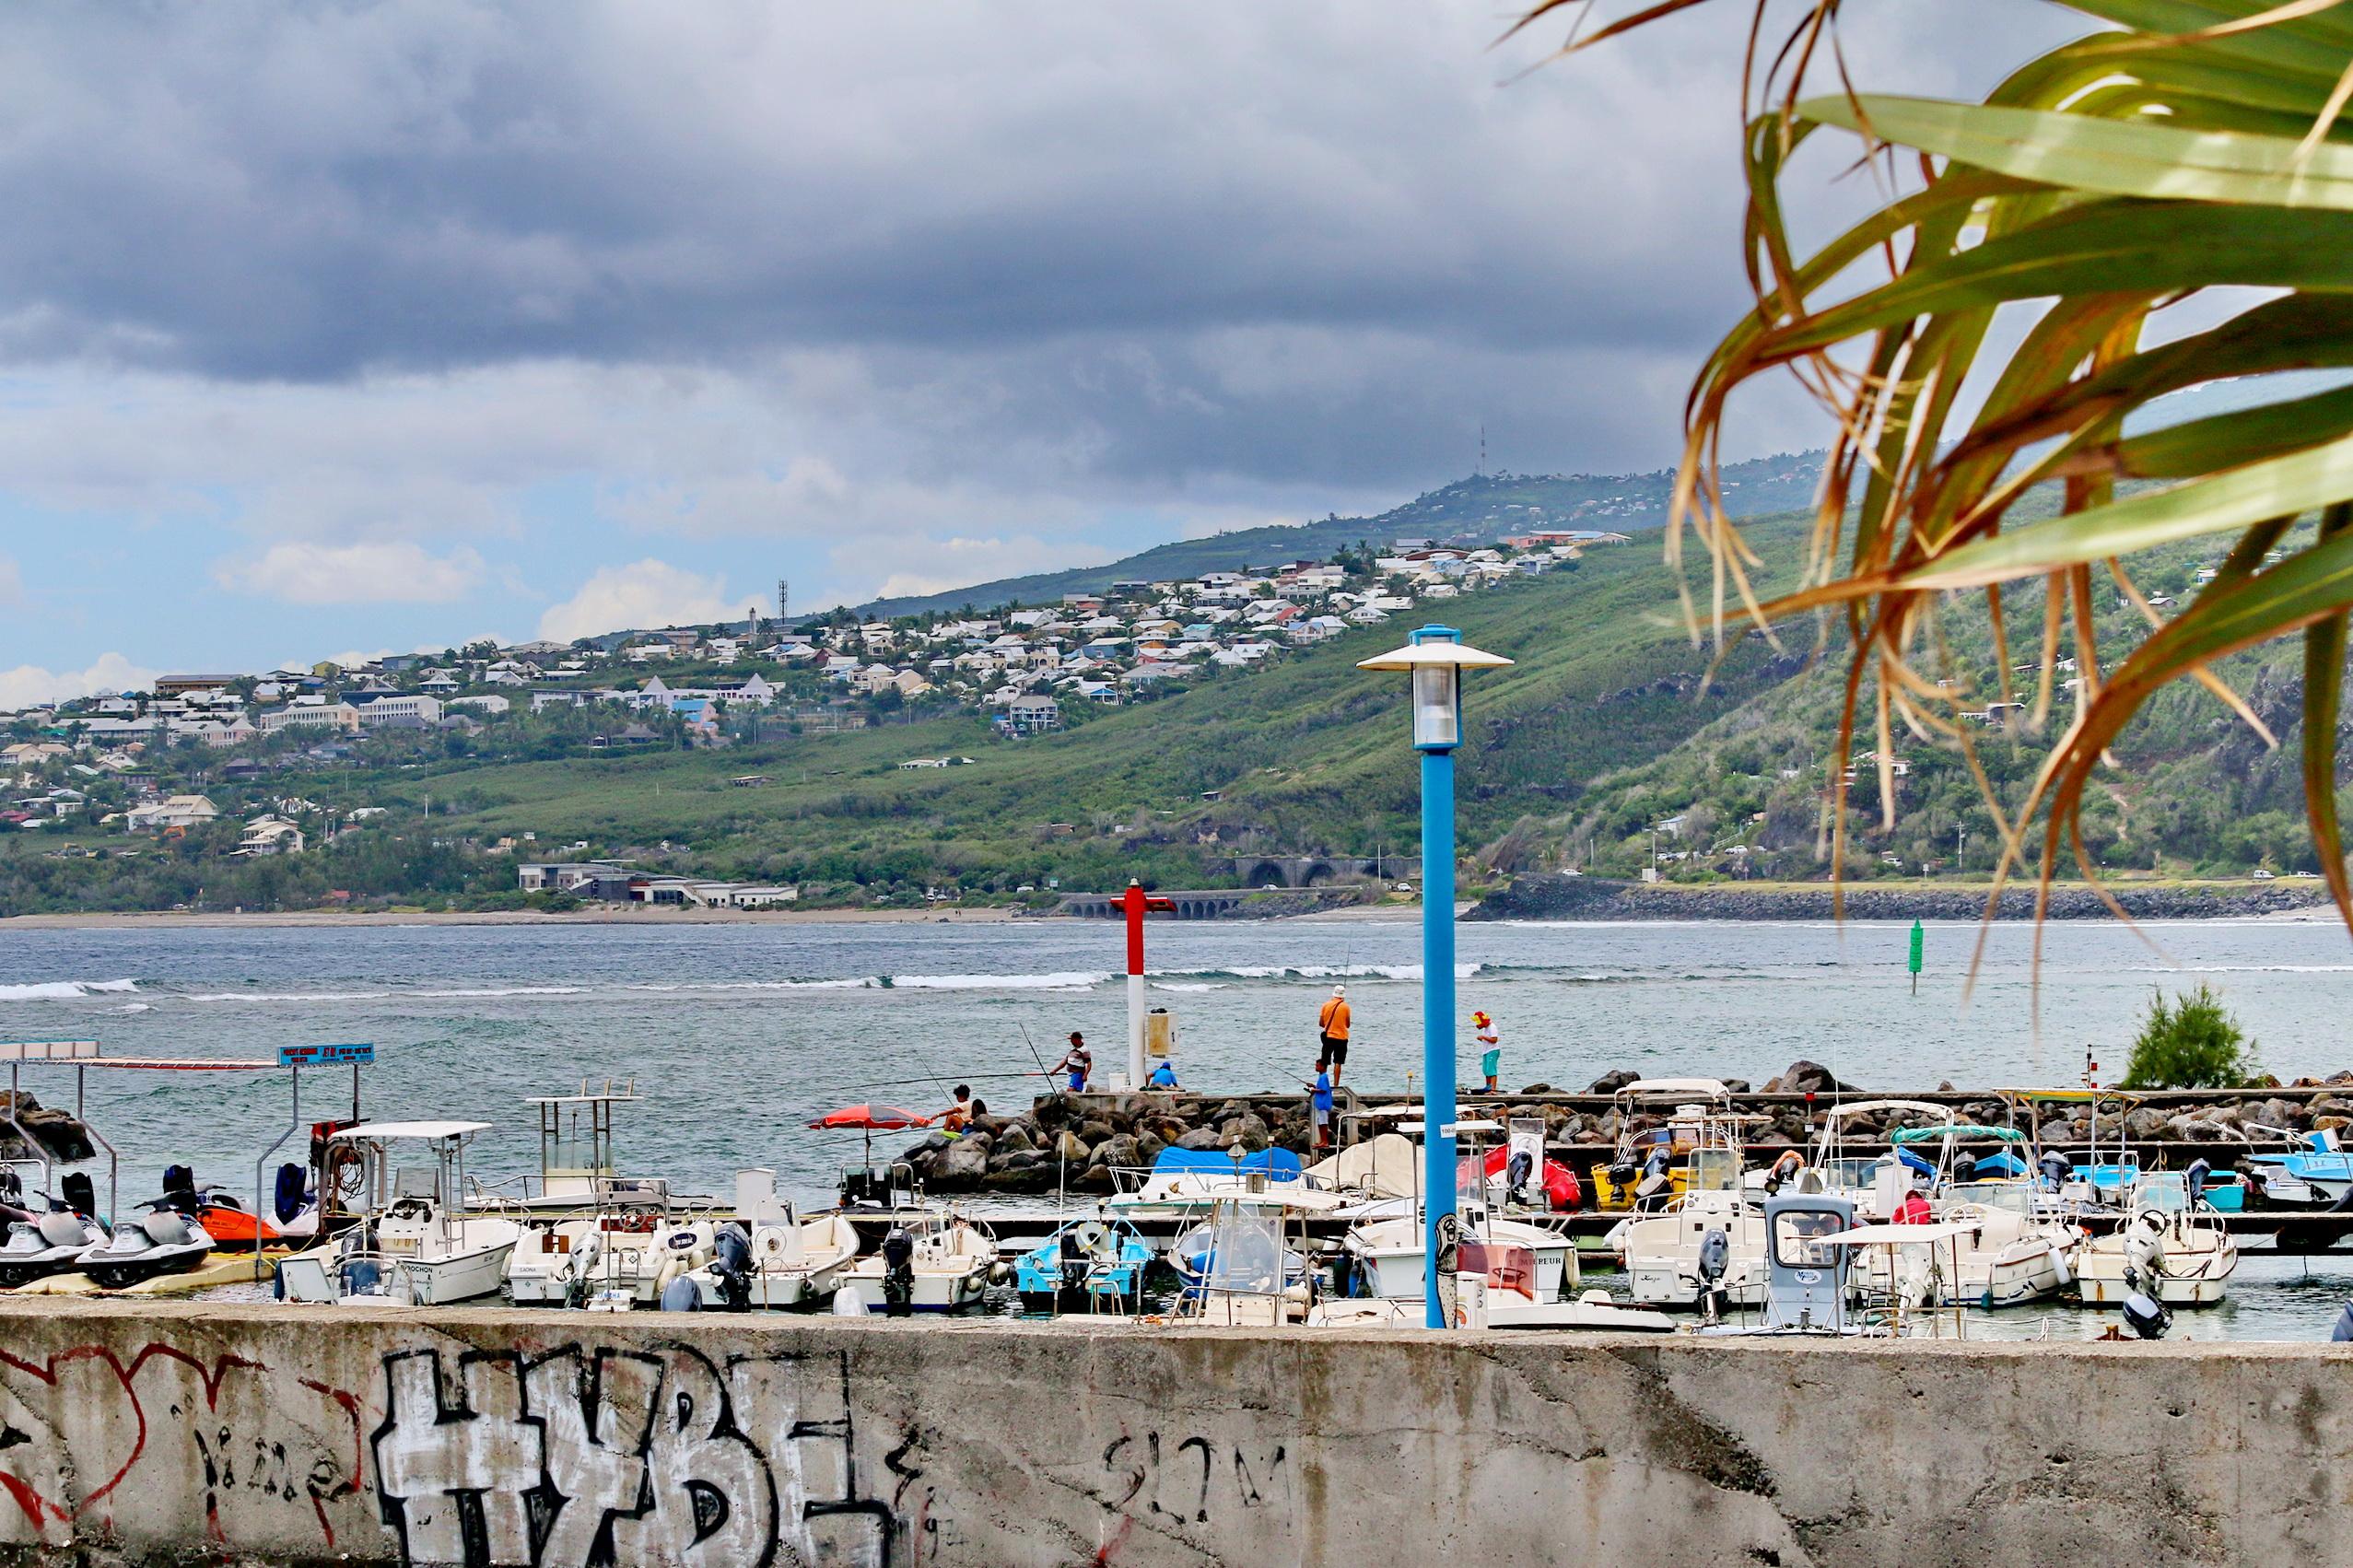 [Vie des ports] Les ports de la Réunion - Page 3 163503stpierrestleu70d096